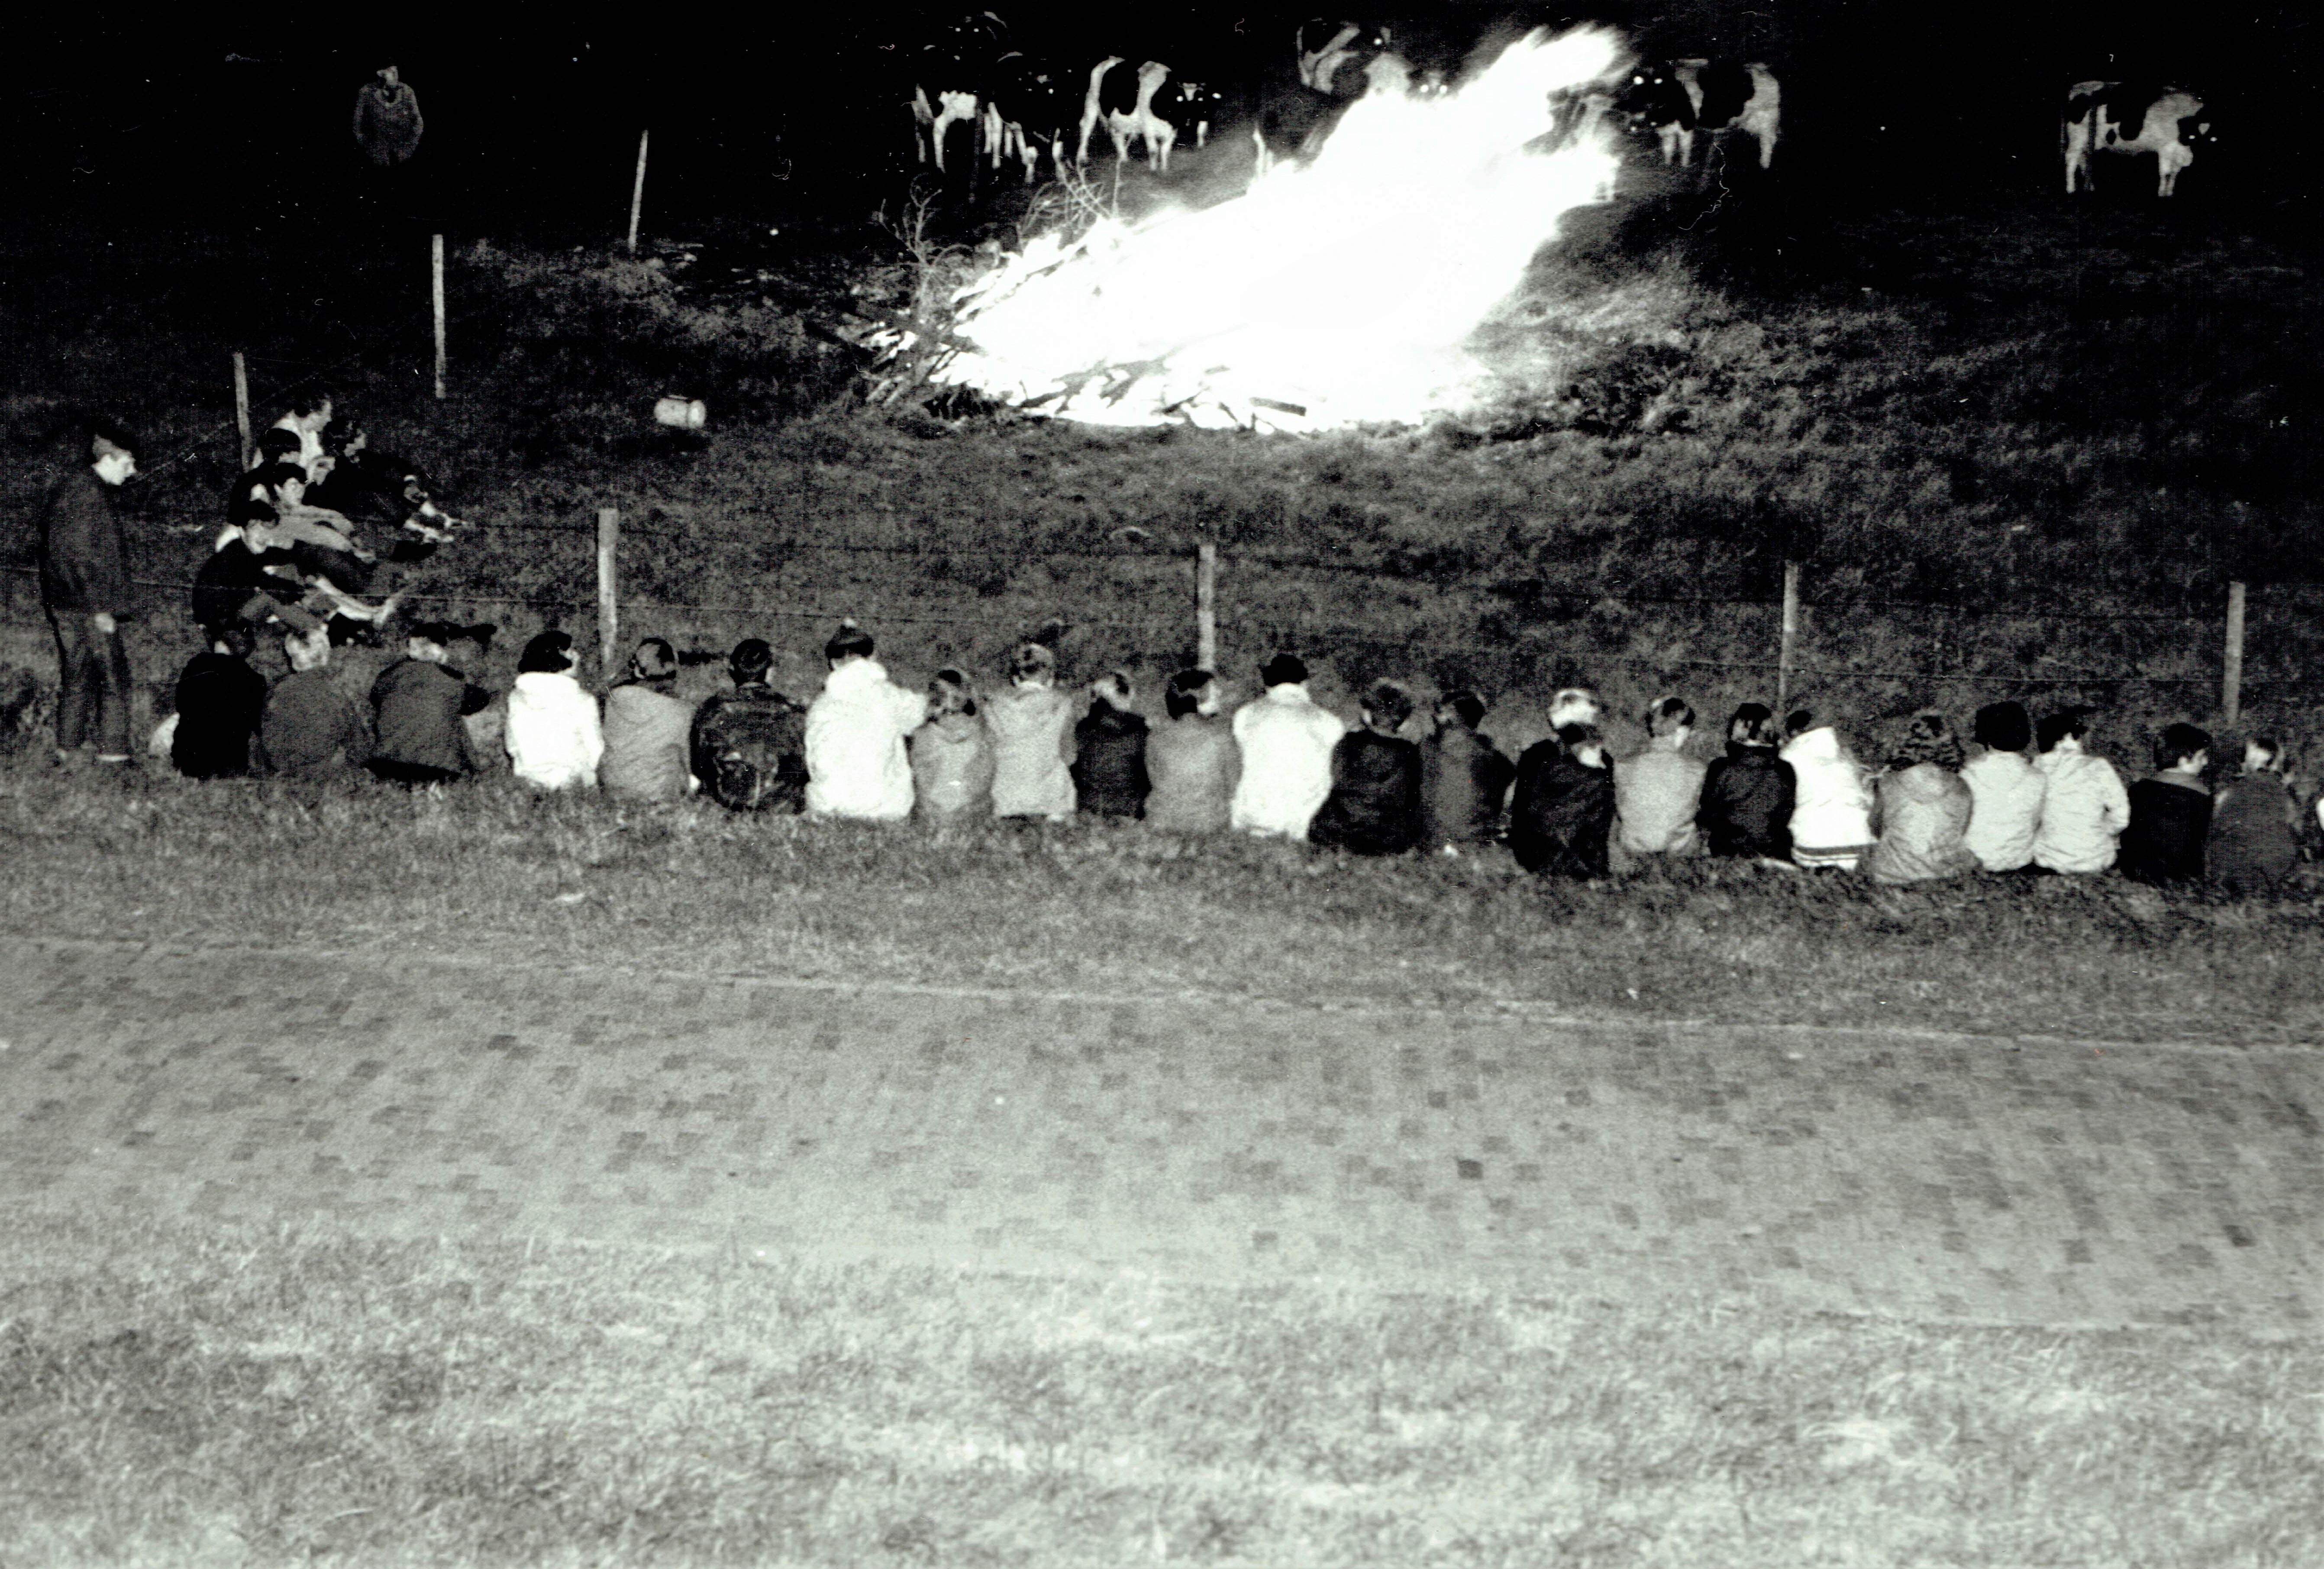 De zomer van 1968: lekker kamperen in de Velserbroekpolder | Velsen Vroeger